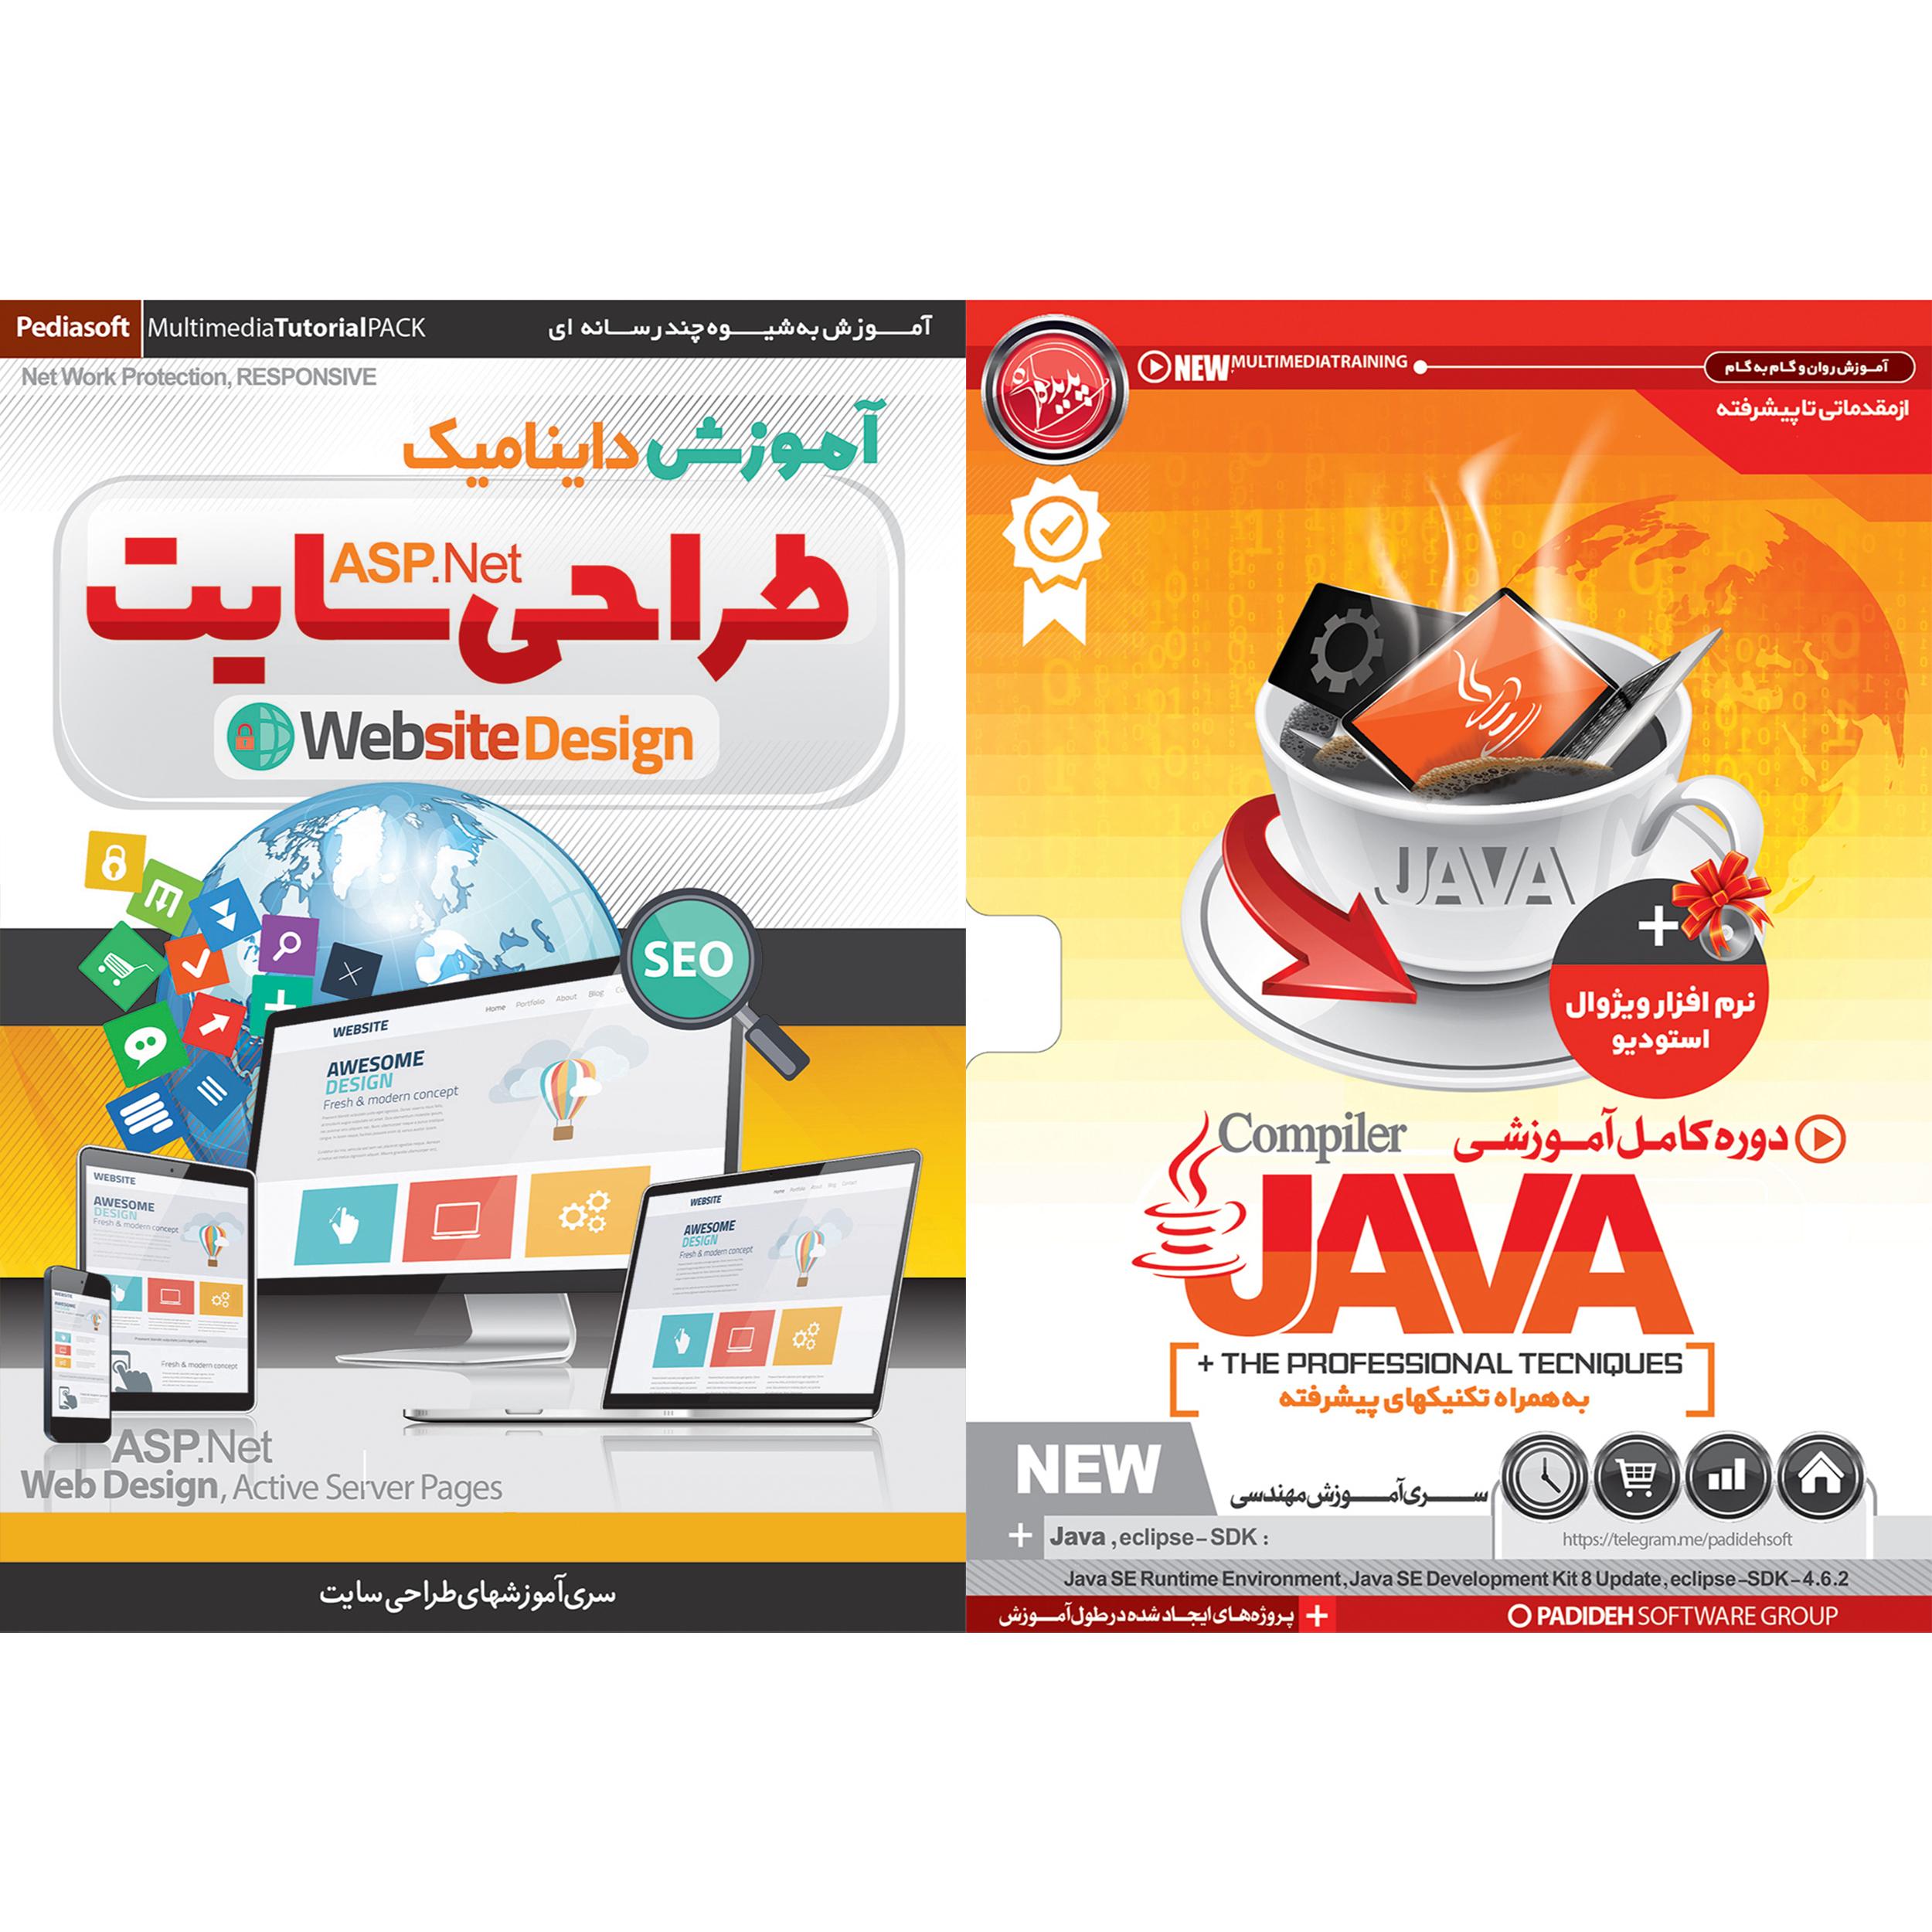 نرم افزار آموزش JAVA نشر پدیده به همراه نرم افزار آموزش داینامیک طراحی سایت ASP.Net نشر پدیا سافت